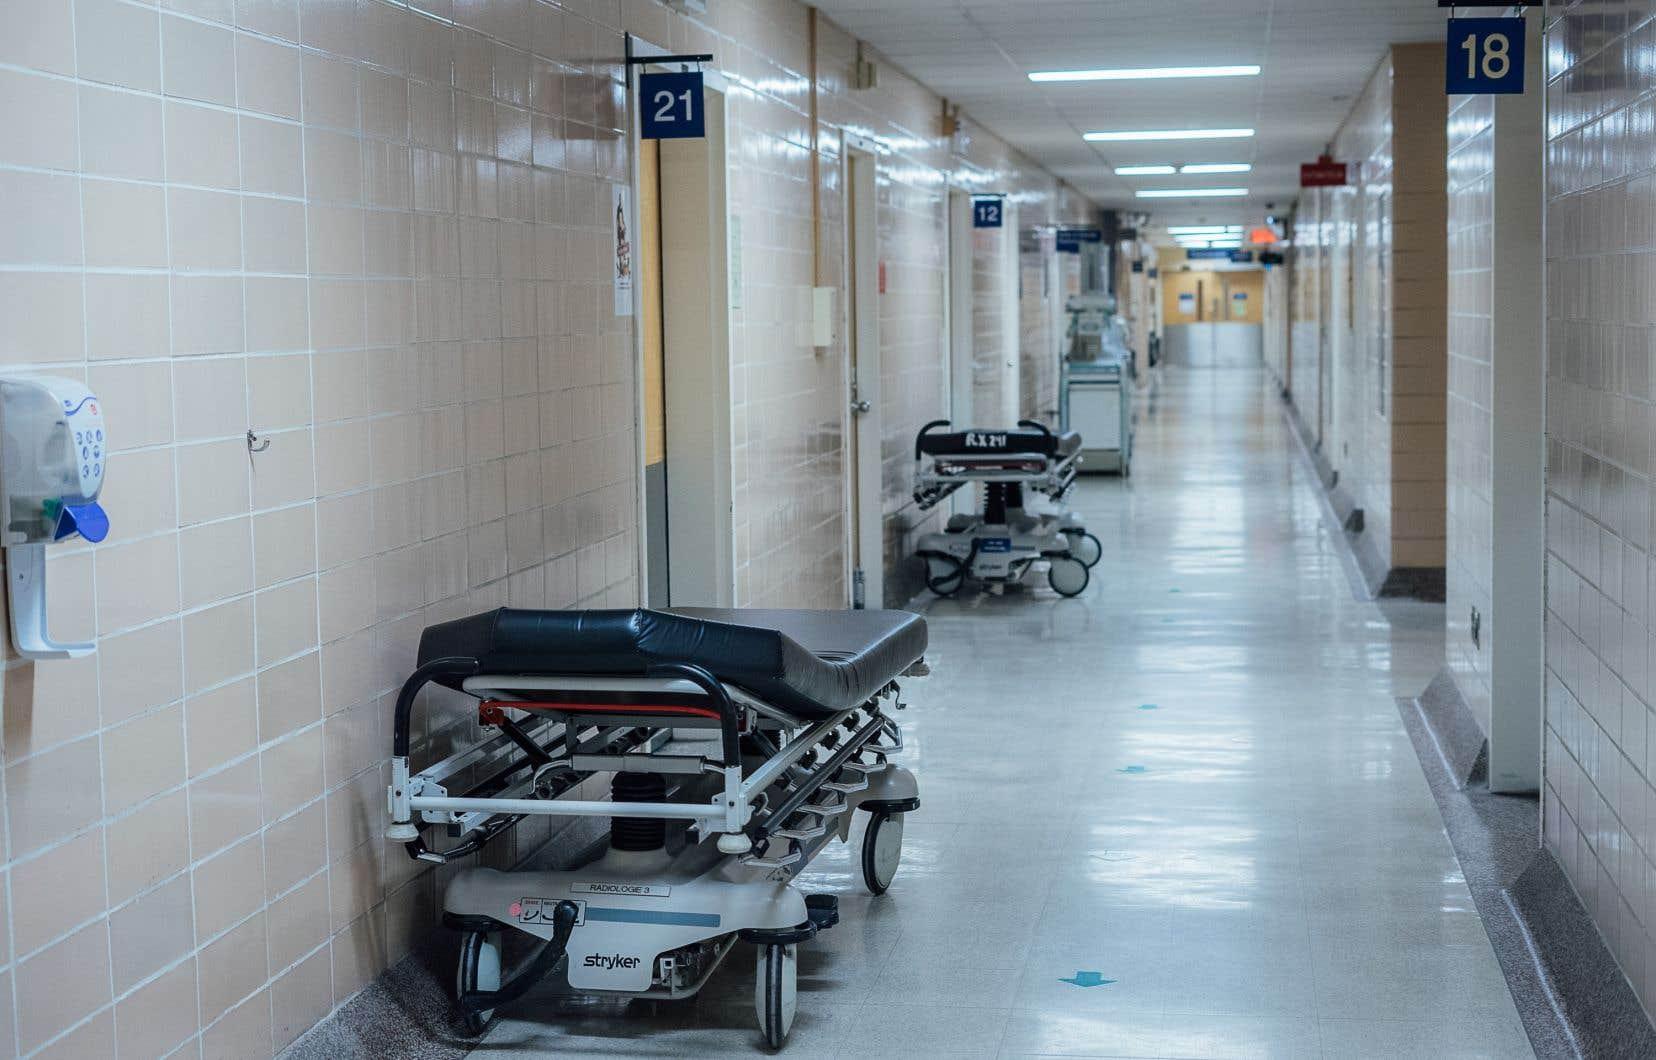 Six voyageurs en provenance de la Chineont été placées aussitôt sous surveillance médicale dans des hôpitaux de Québec et de Montréal pour y effectuer des tests.